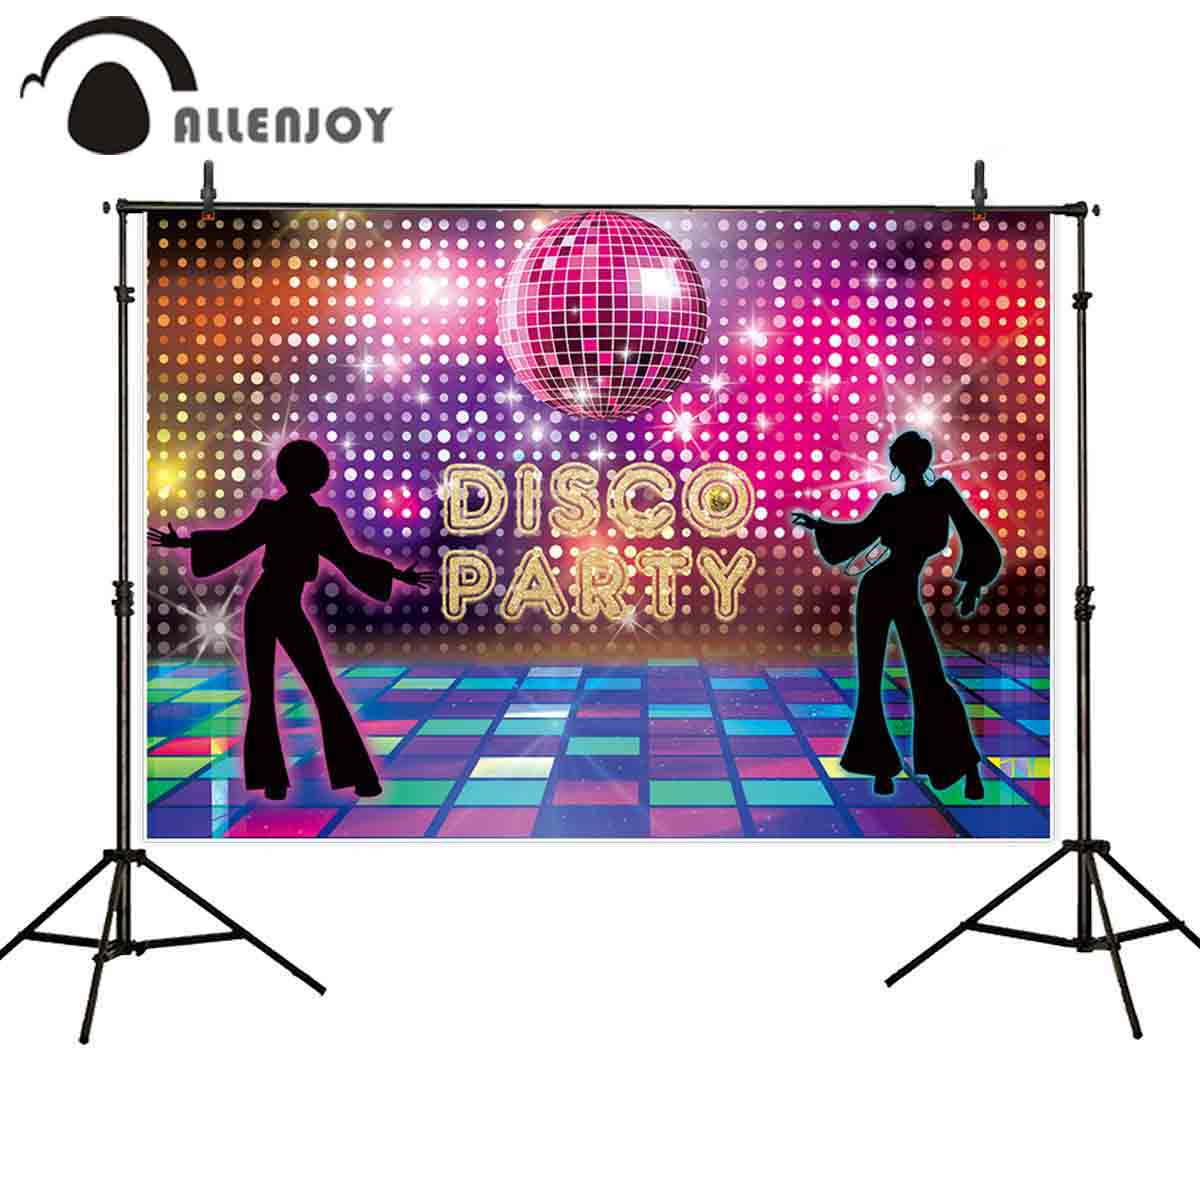 Allenjoy Fiesta disco fondo fotográfico escenario spotlight dancer glitter fotografía telón de fondo cabina de foto sesión fotográfica shoot photophone